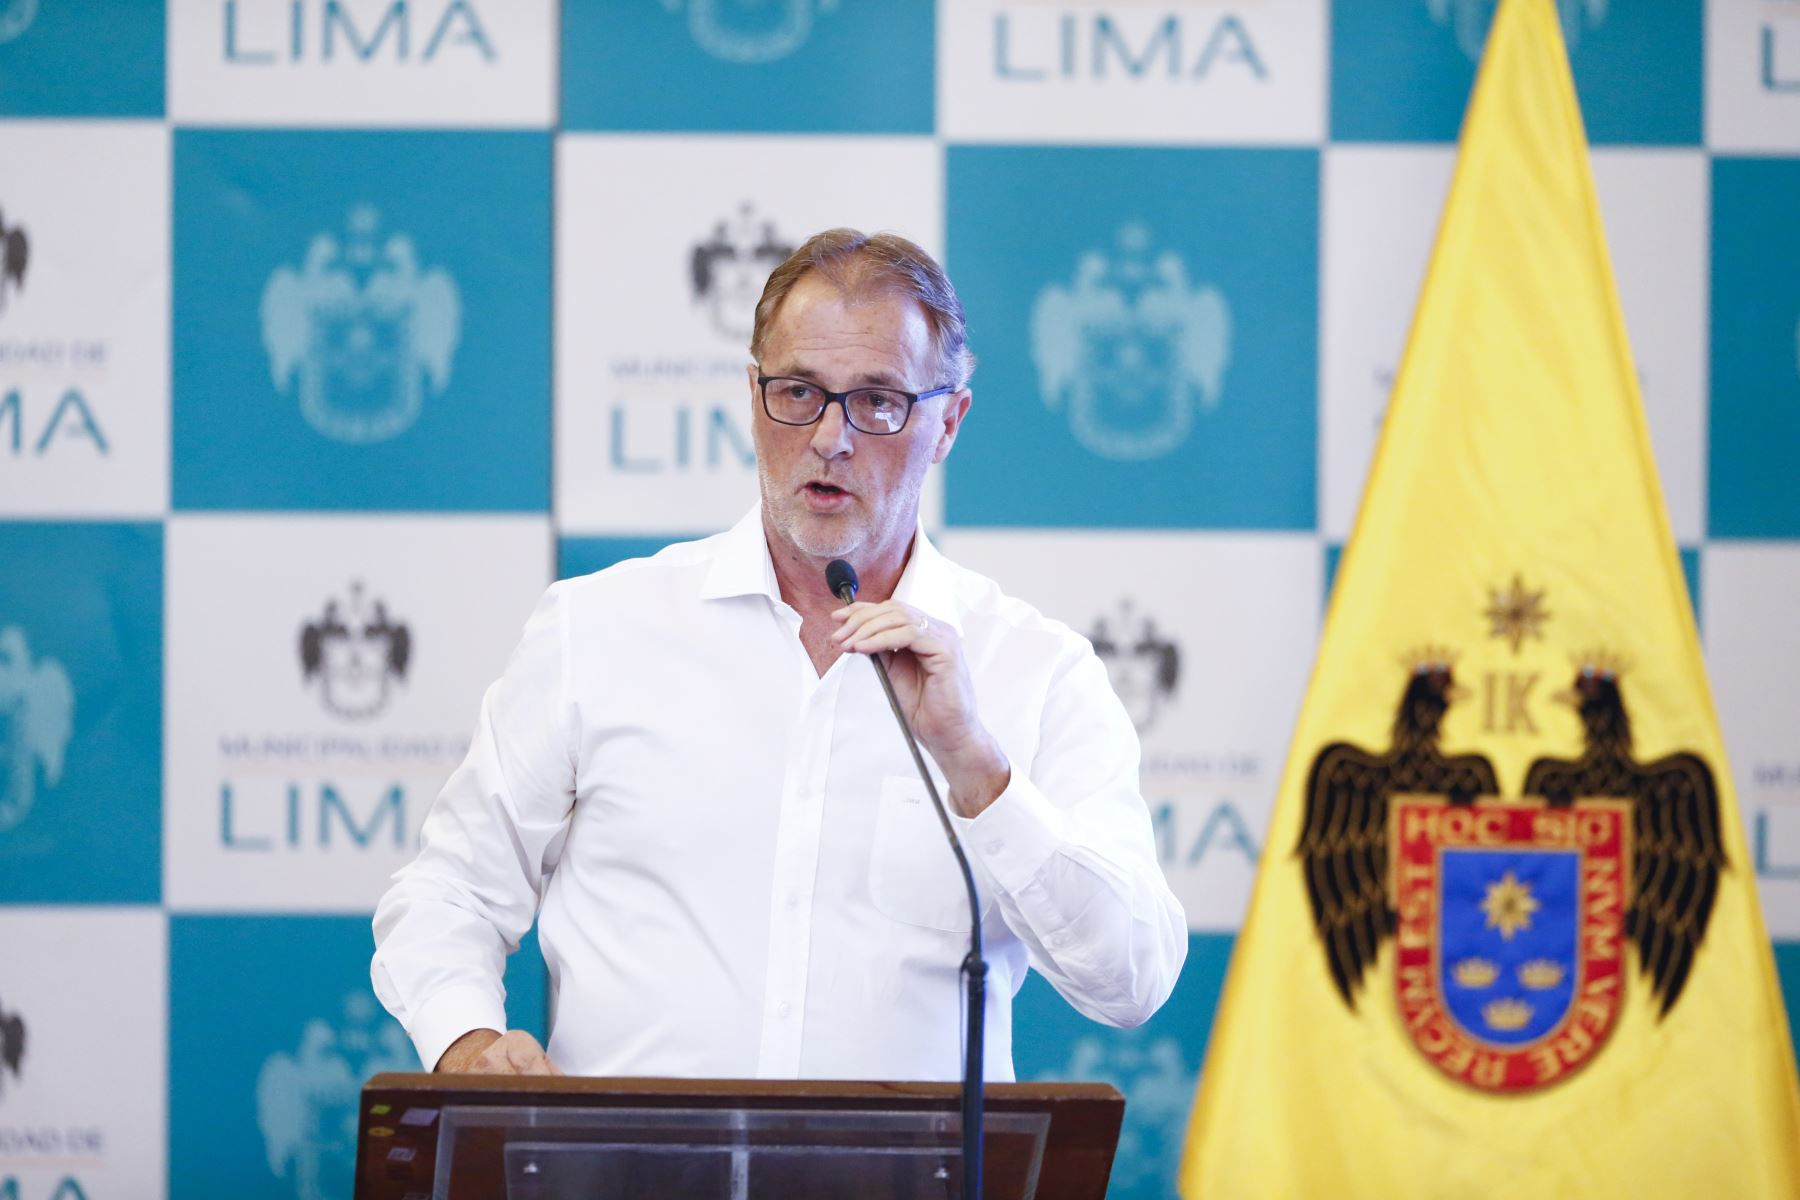 El alcalde de Lima, Jorge Muñoz, informa sobre los principales logros de la gestión durante el 2019. Foto: ANDINA/Jhonel Rodríguez Robles